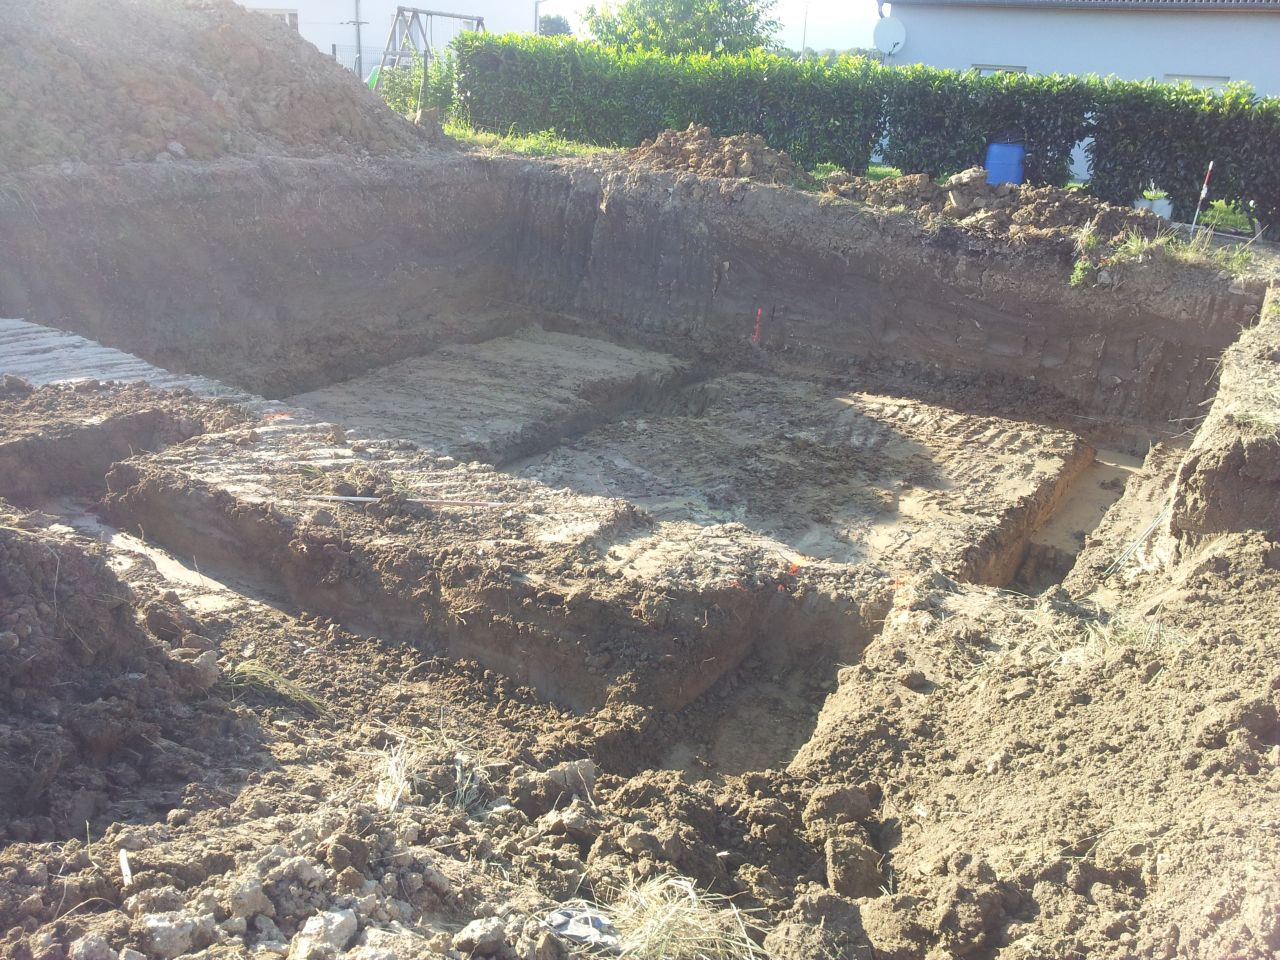 Fouilles terminées pour la maison + vide sanitaire + terrasse <br /> Toujours un peu d'eau qui remonte en surface, croisons les doigts qu'il ne pleuve pas avant les <a href=